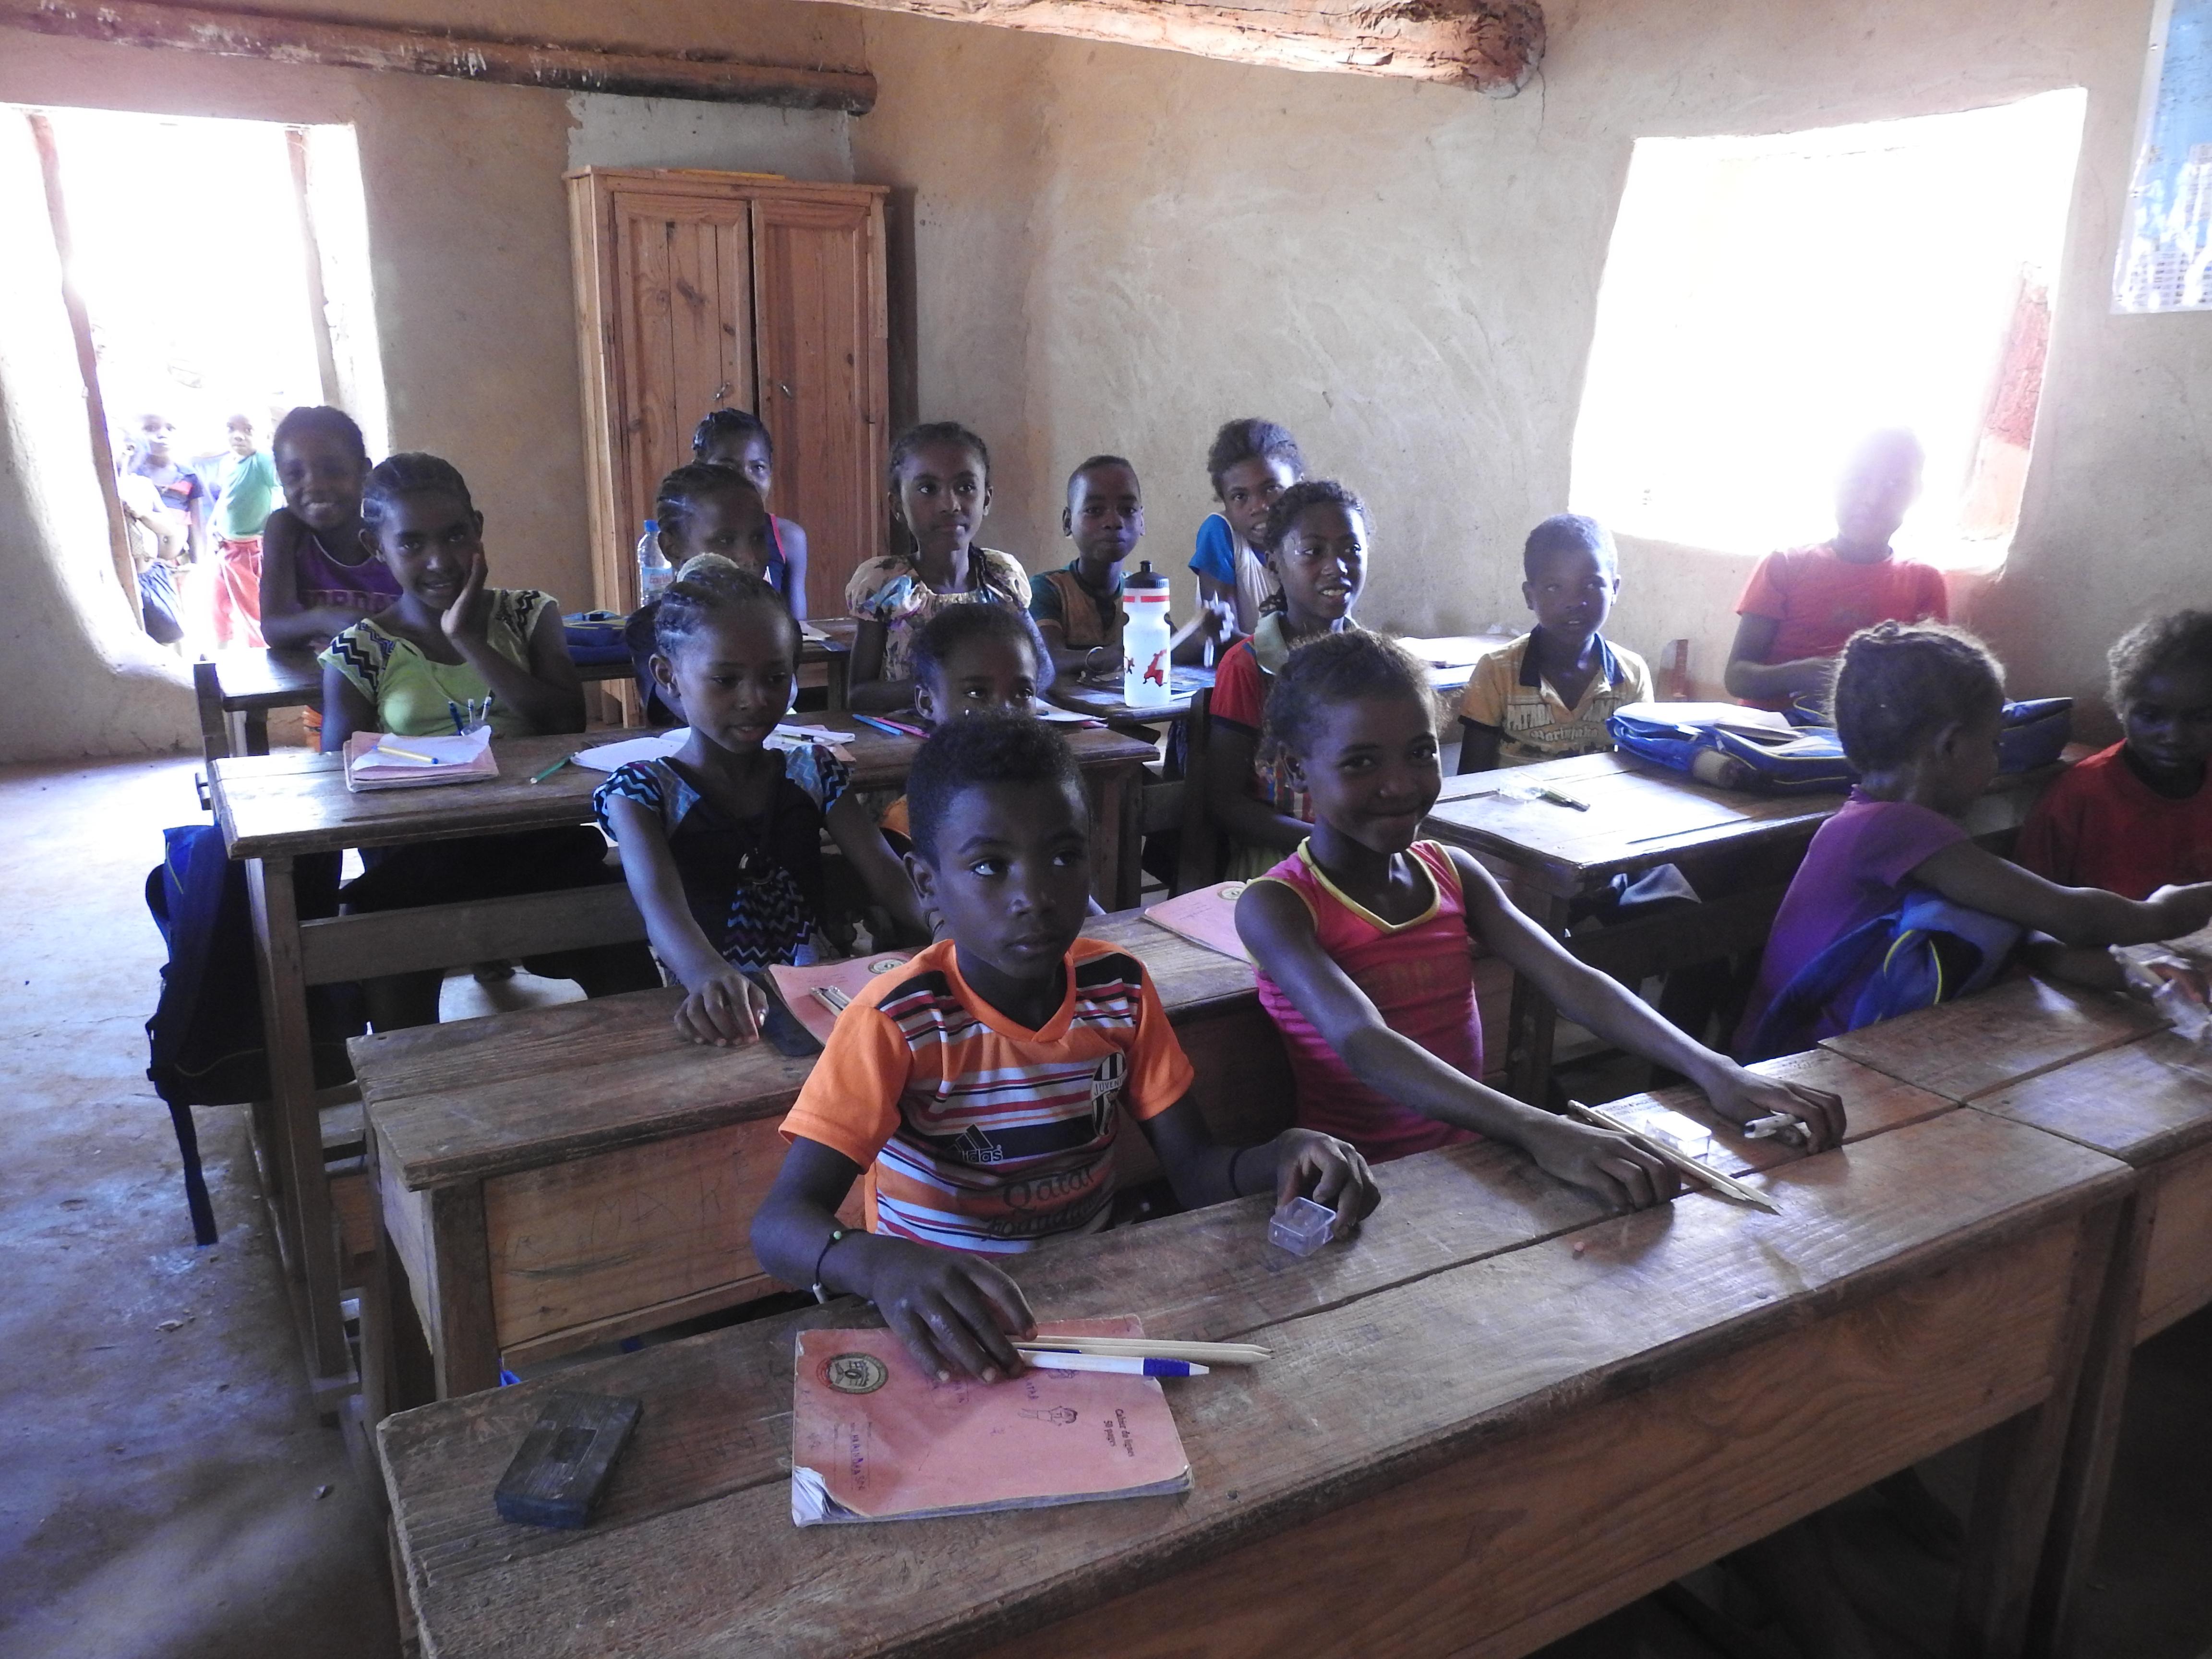 die Kinder freuen sich über ihre neuen Stifte und Anspitzer